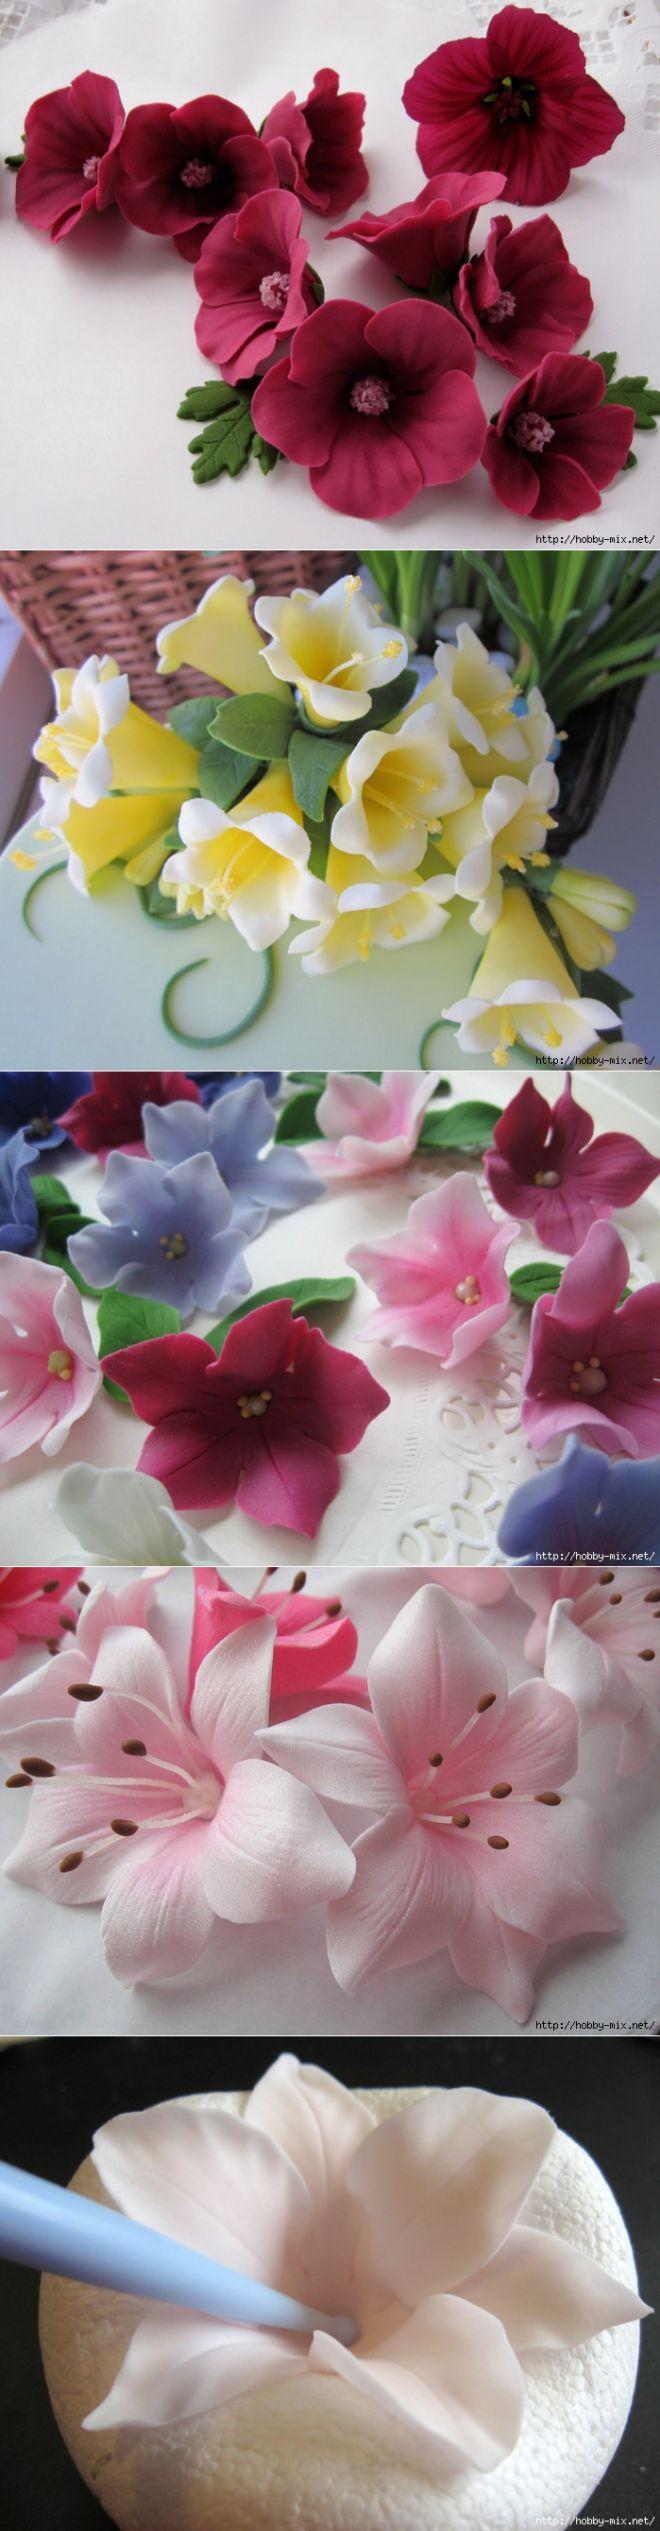 Лепка. Шикарные цветы из сахарной мастики для украшения тортов. Фото мастер- классы- много...